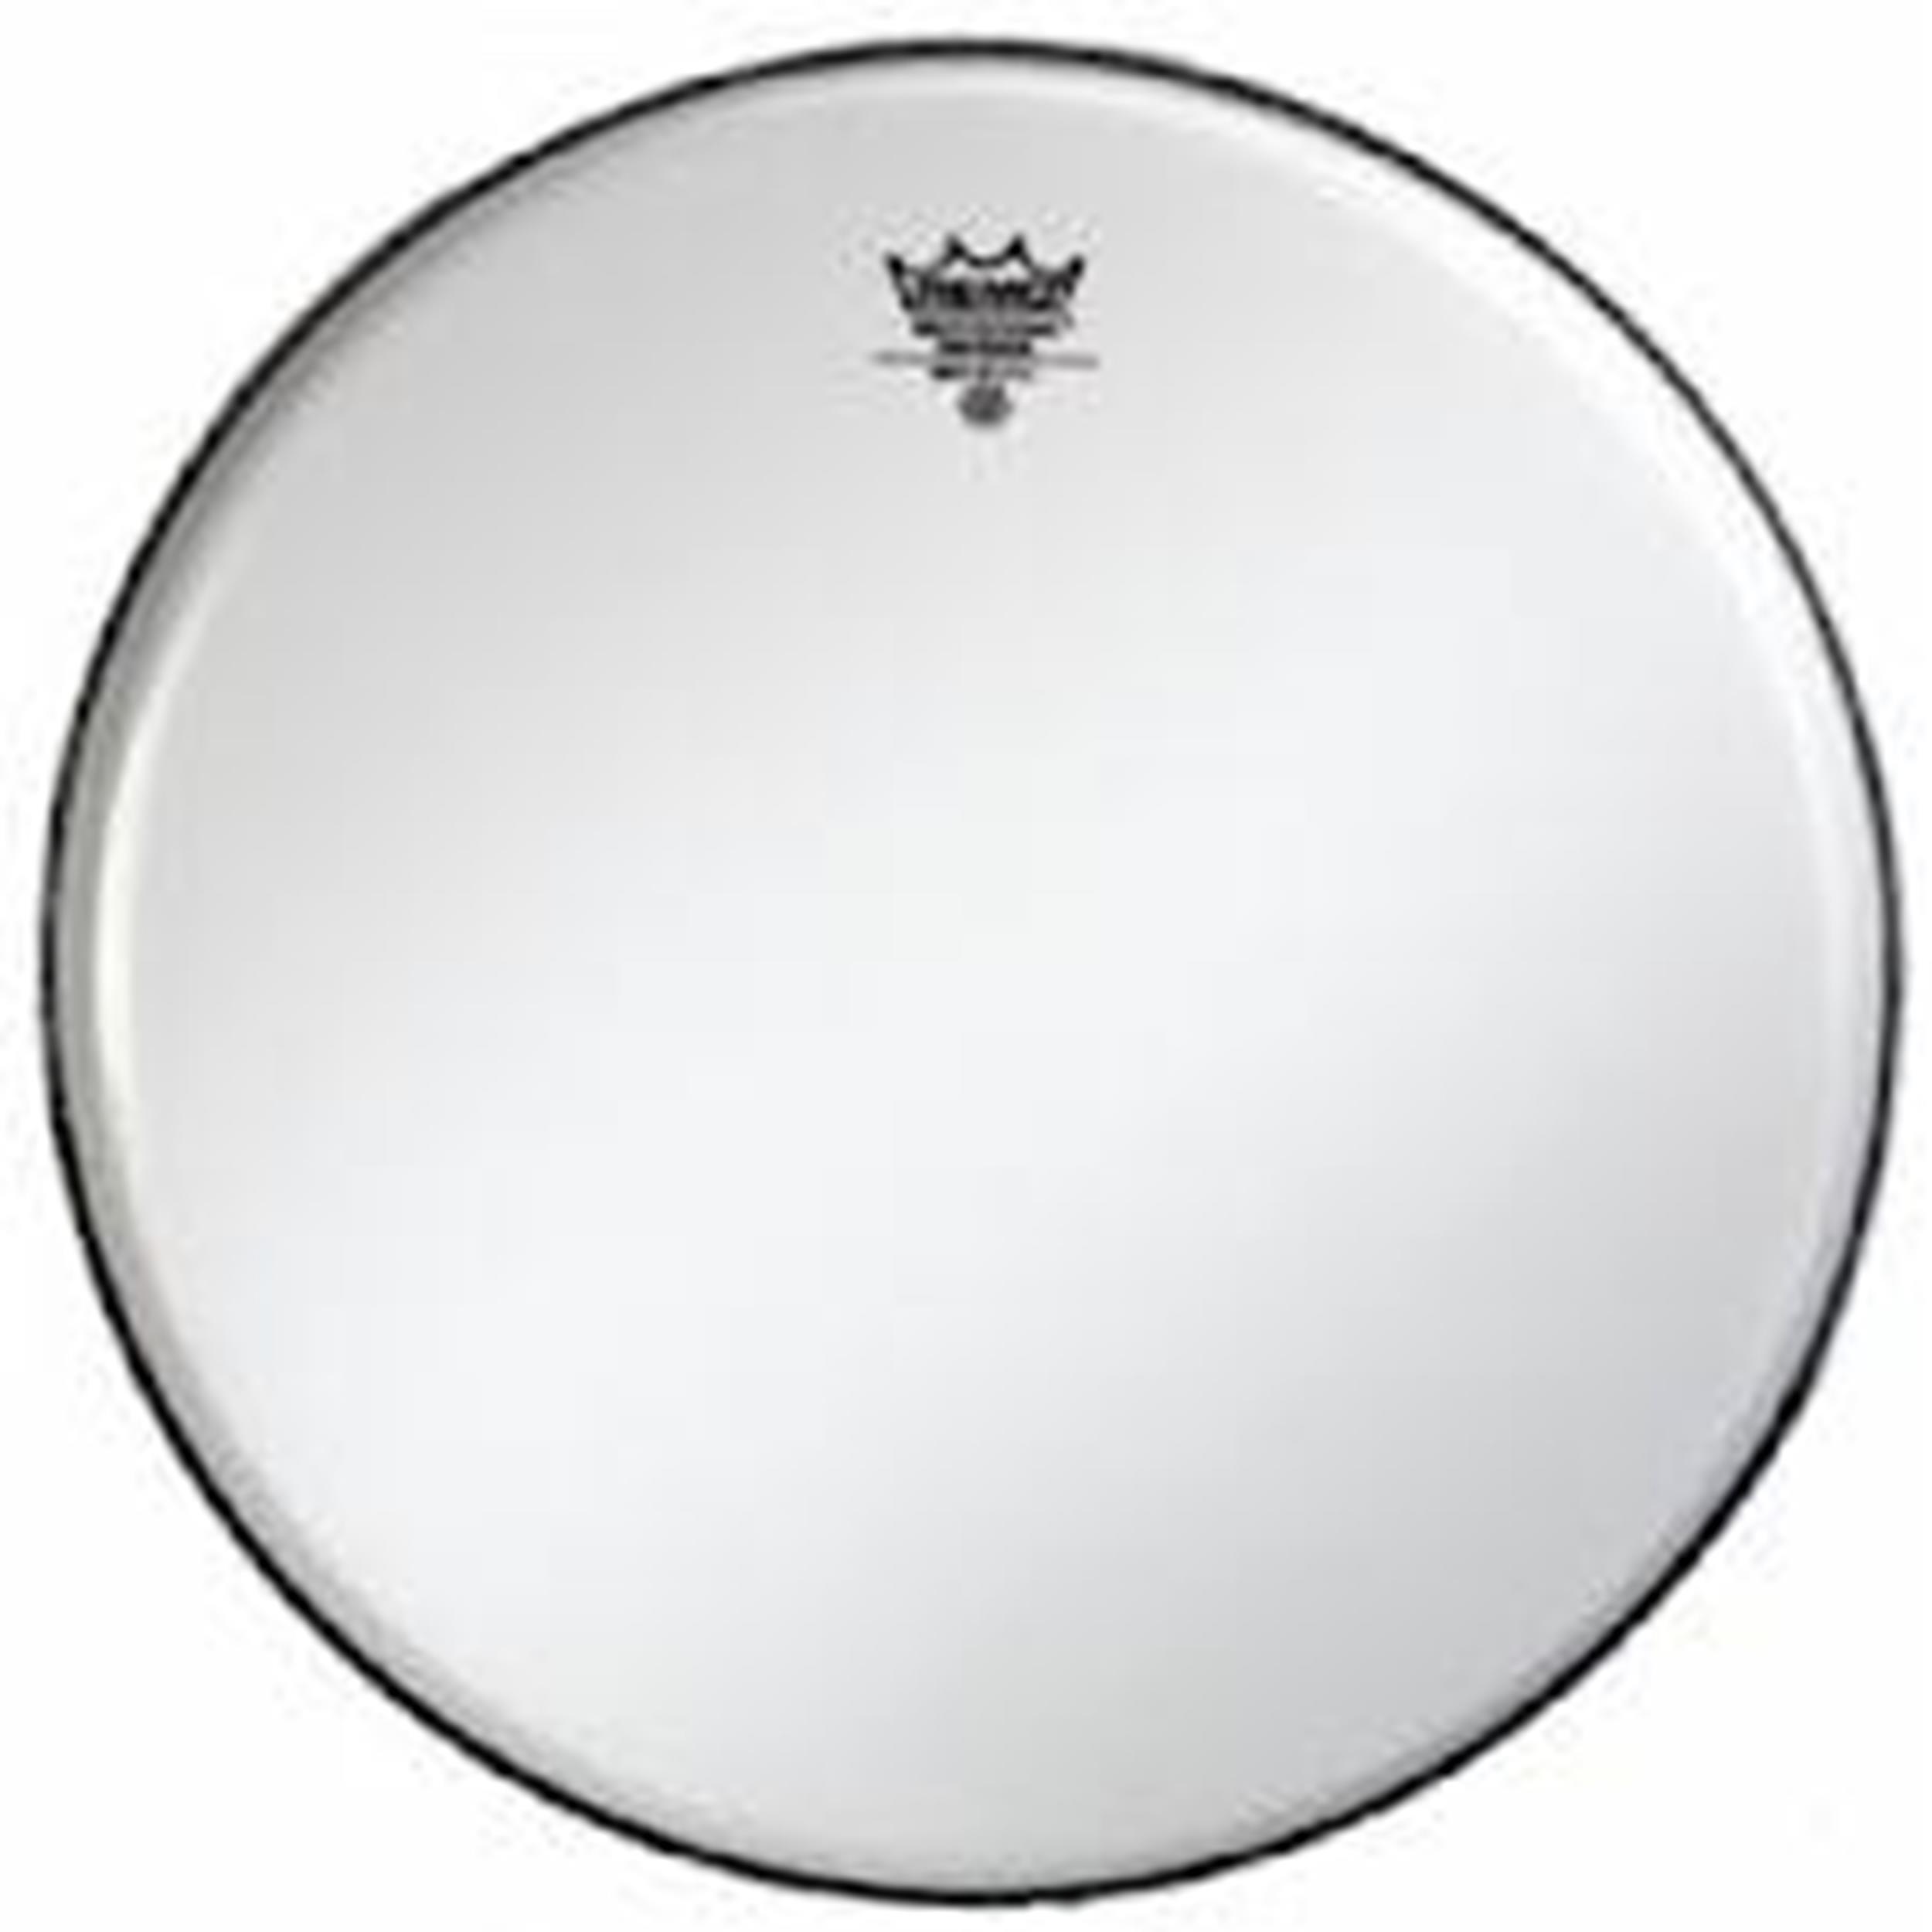 REMO EMPEROR SMOOTH WHITE PER CASSA 28 - Batterie / Percussioni Accessori - Pelli e Cerchi